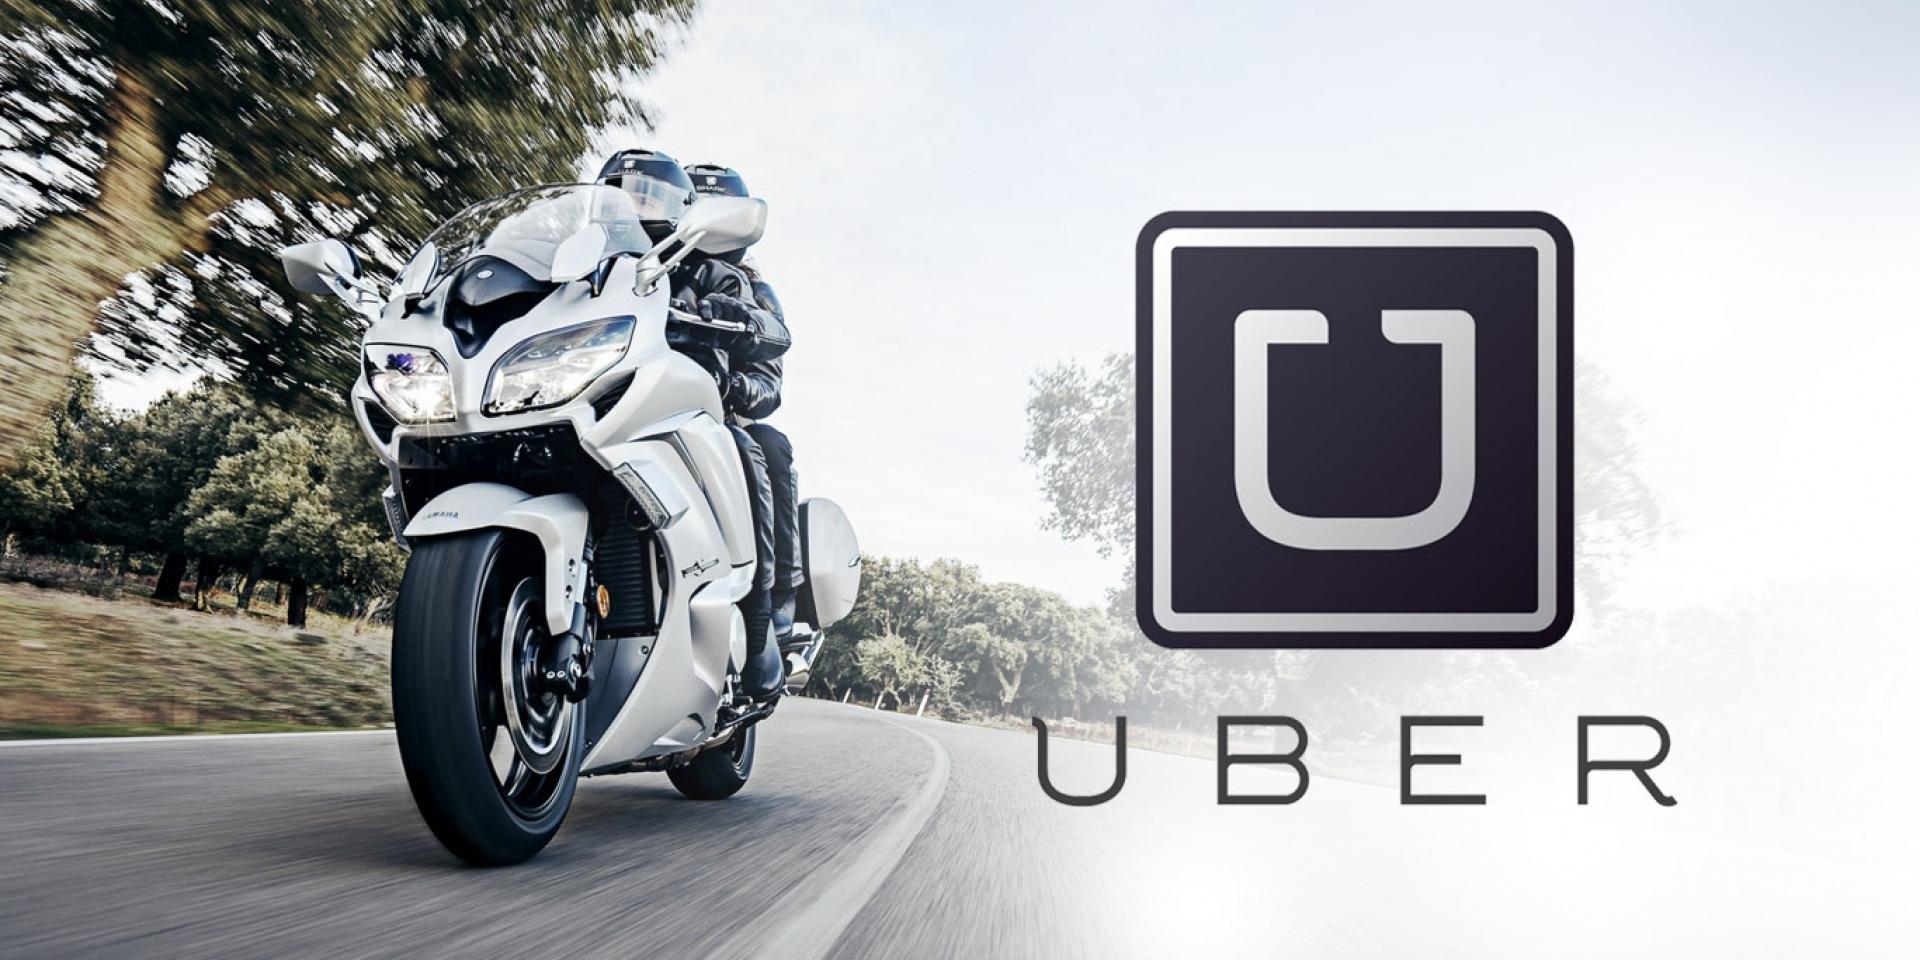 騎車賺錢。UBER跨足兩輪市場,曼谷正式啟動